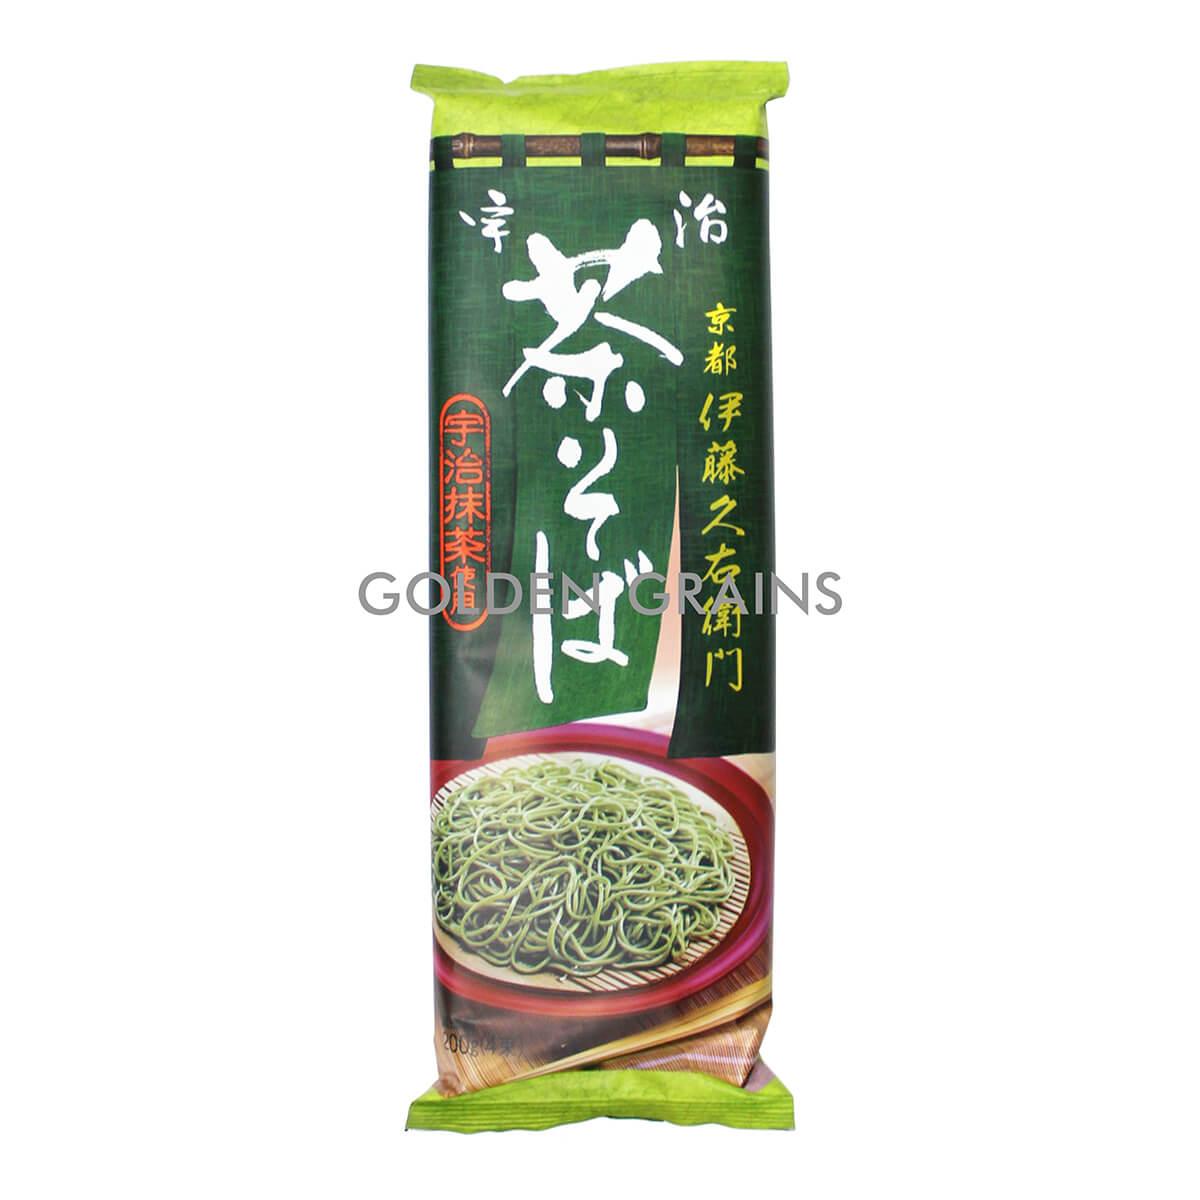 Golden Grains Takizama - Chasoba - Front.jpg